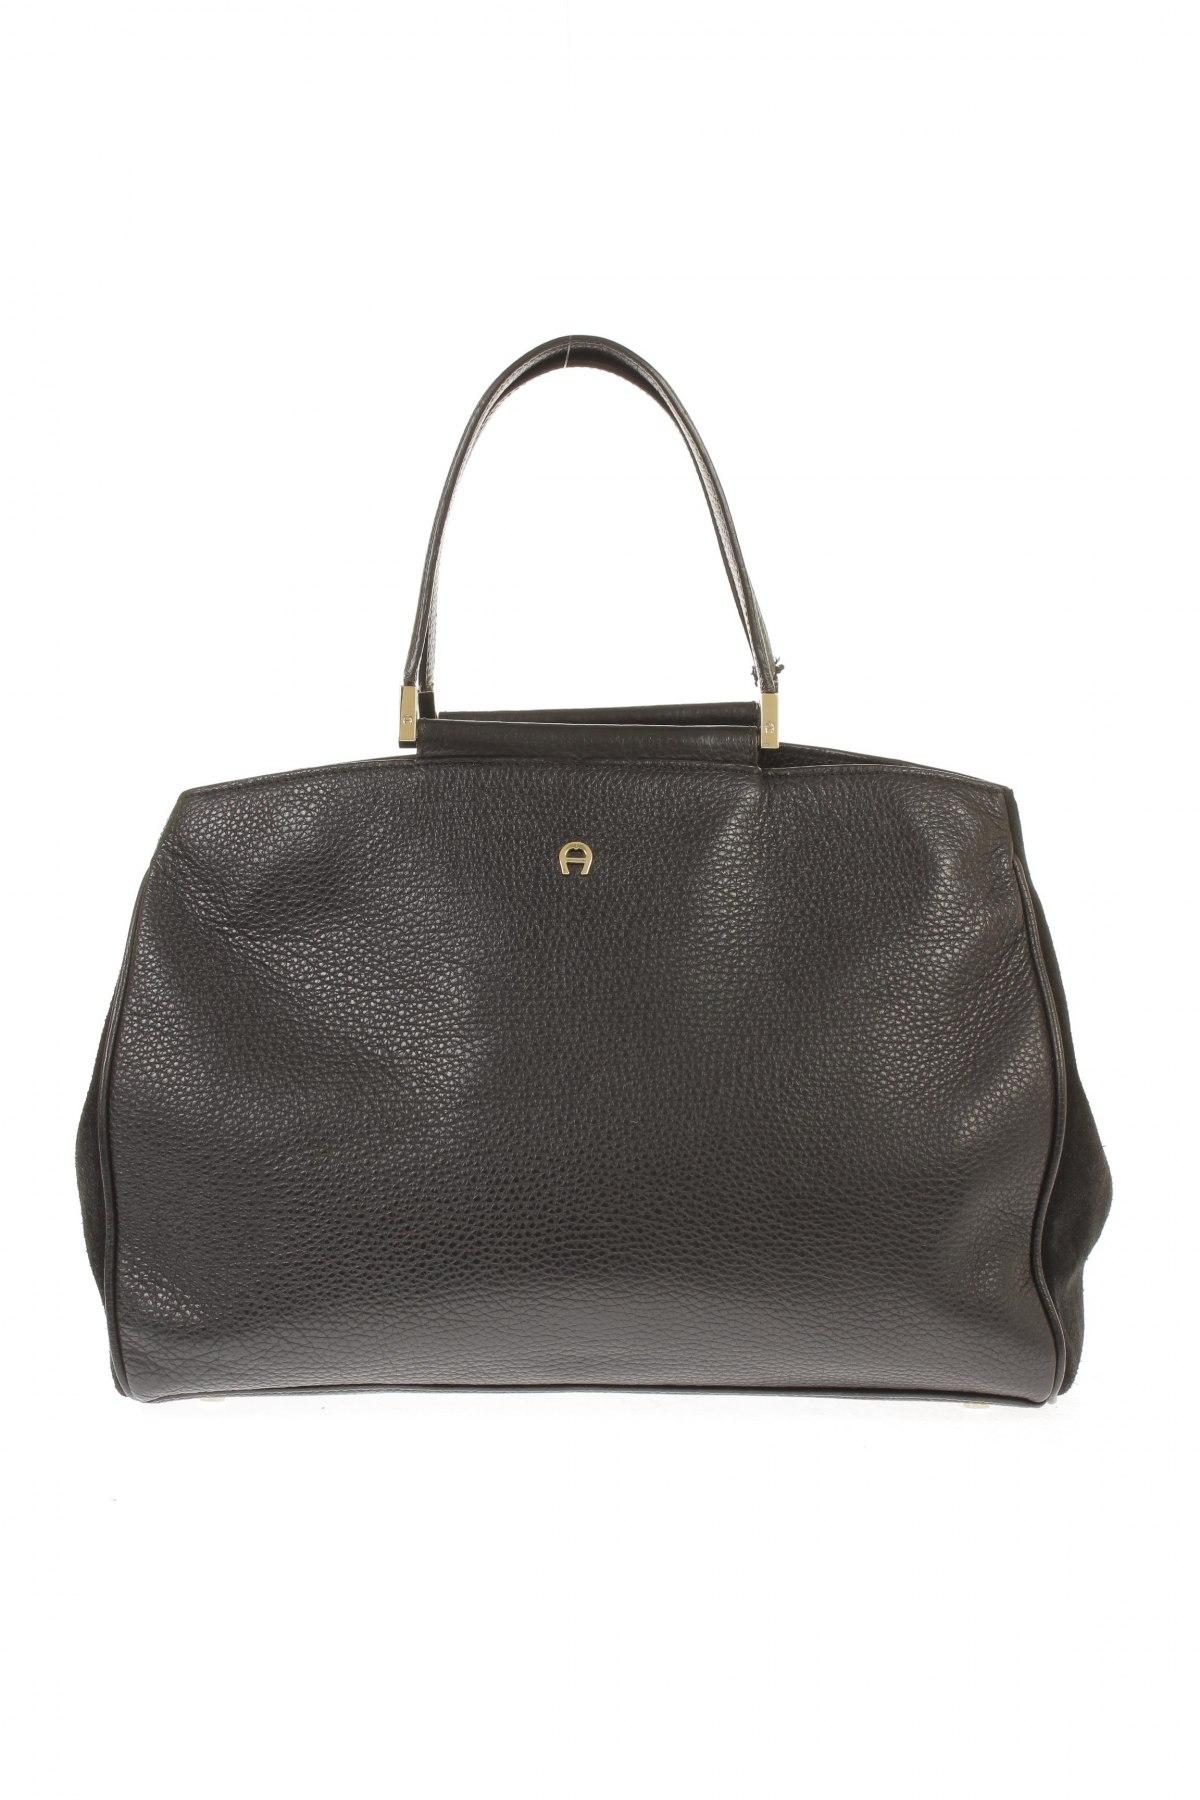 c28e692973 Dámská kabelka Aigner - koupit za vyhodné ceny na Remix -  100310337